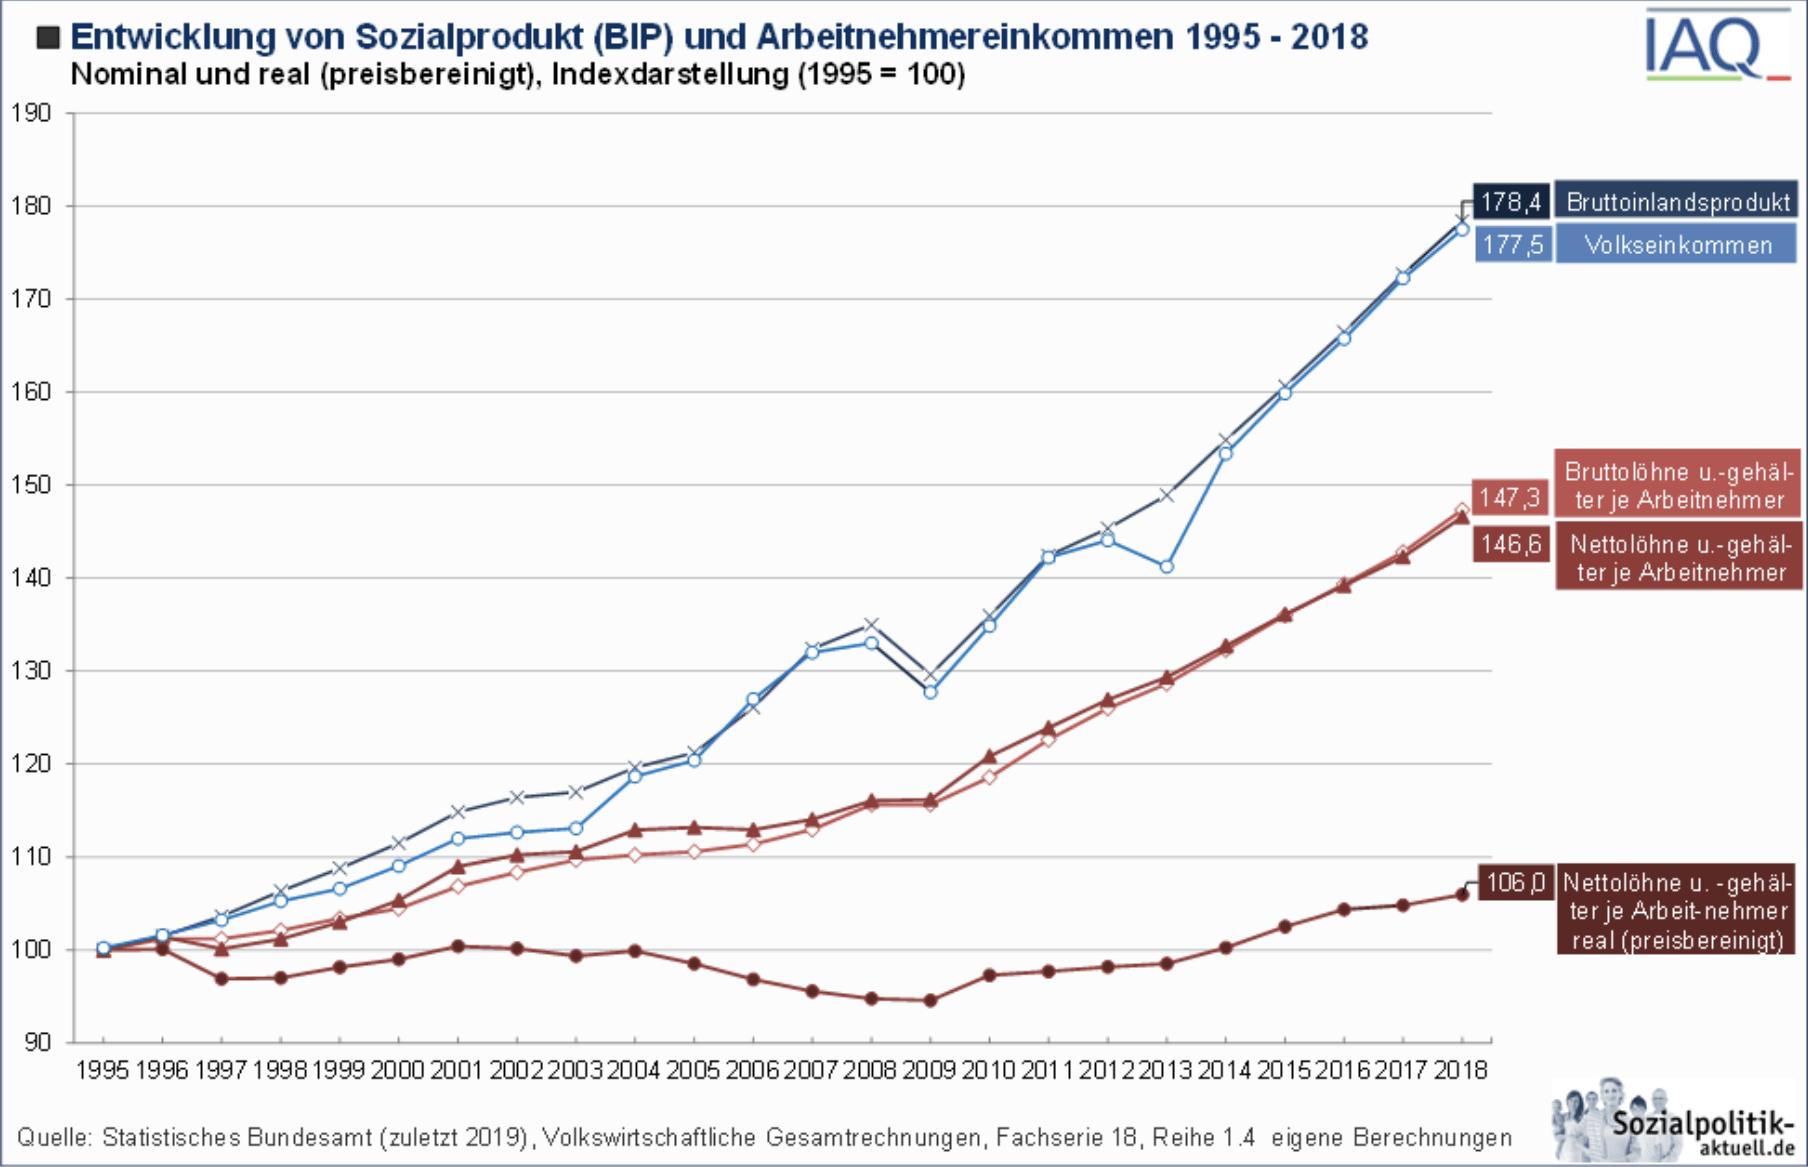 BIP und Einkommen